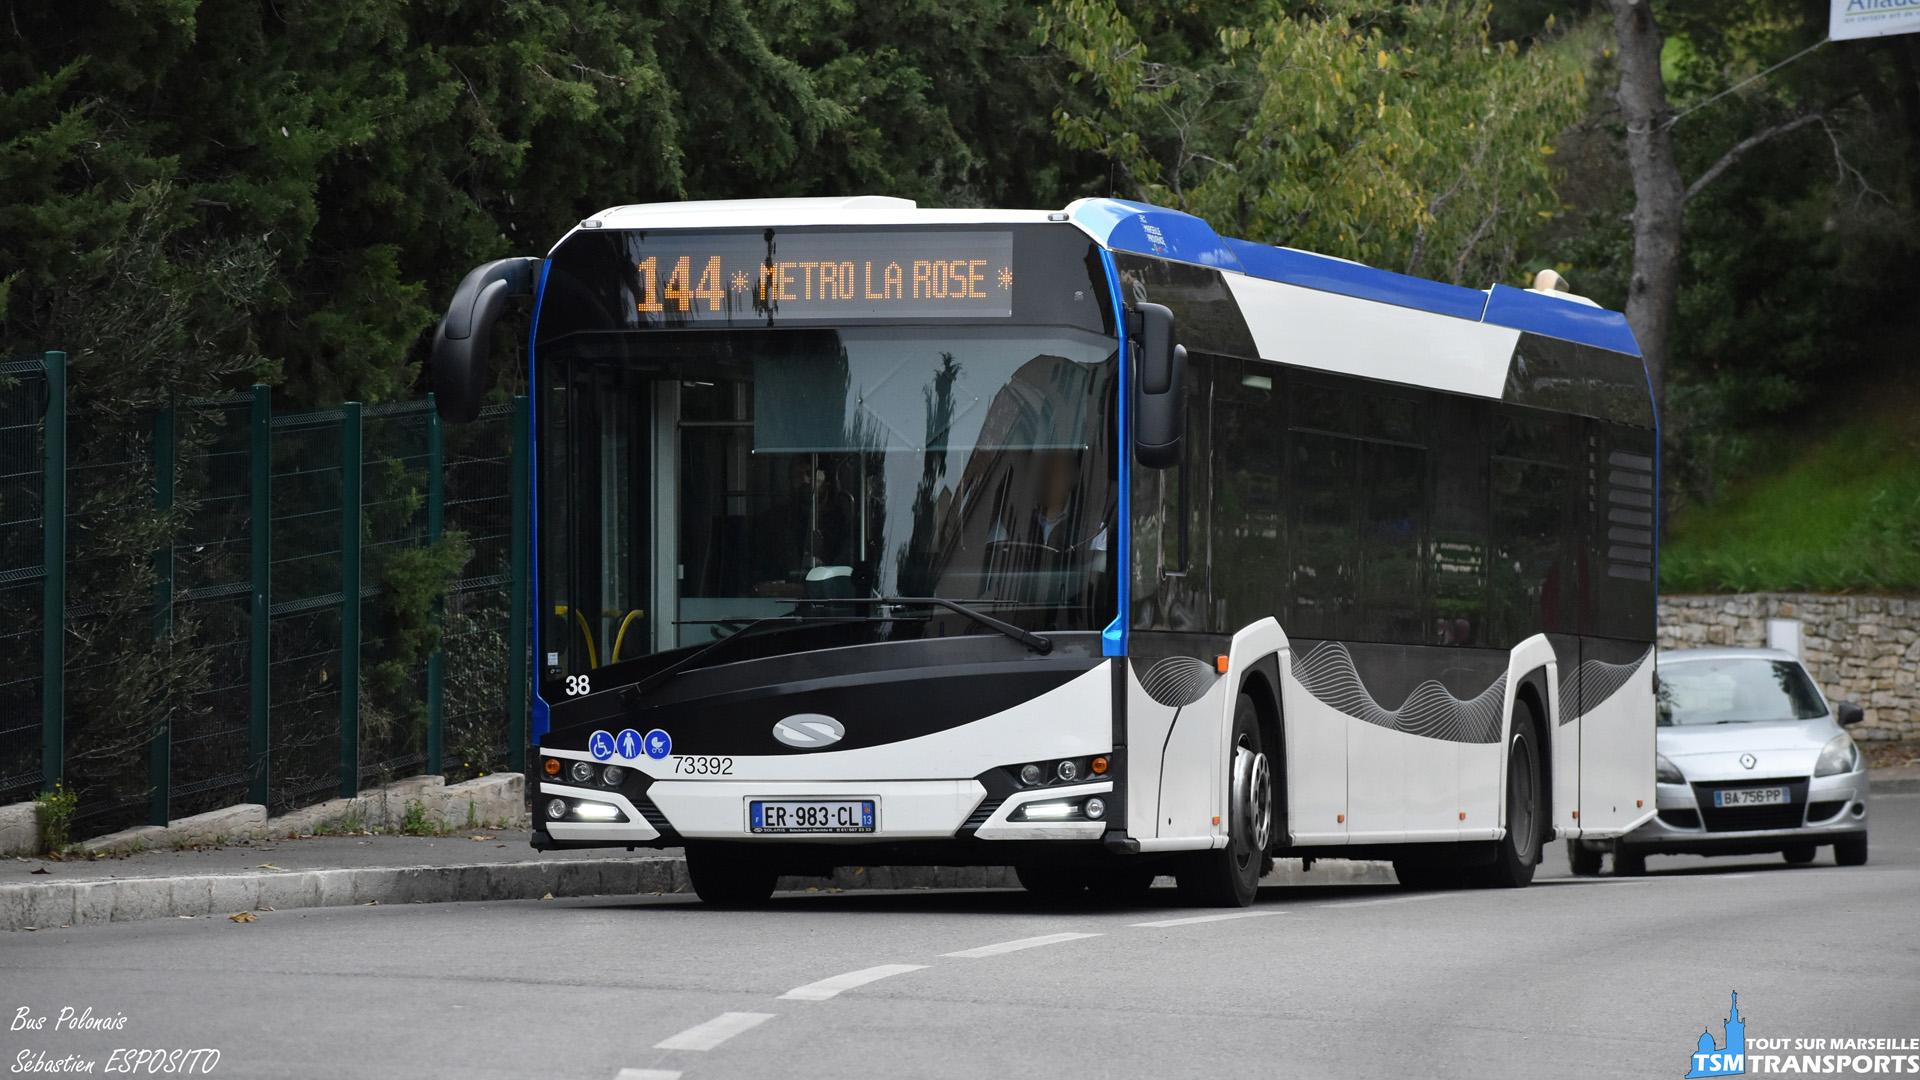 Montée de l'Avenue du Général De Gaulle pour ce Solaris Urbino 12 V4, qui aura pour prochain arrêt le Terminus d'Allauch. . ℹ️ Solaris Urbino 12 V4 Transdev CAP Provence n°73392 (RTM n°38). . 📍 Avenue du Général De Gaulle, 13190 Allauch. . ↔️ 144 Métro La Rose - Allauch. . 💶 Exploitant : Transdev CAP Provence. . 📸 Nikon D5600. . 📷 Nikkor : 70-300mm. . 📅 17 Novembre 2018 à 15:19. . 👨 Sébastien ESPOSITO.